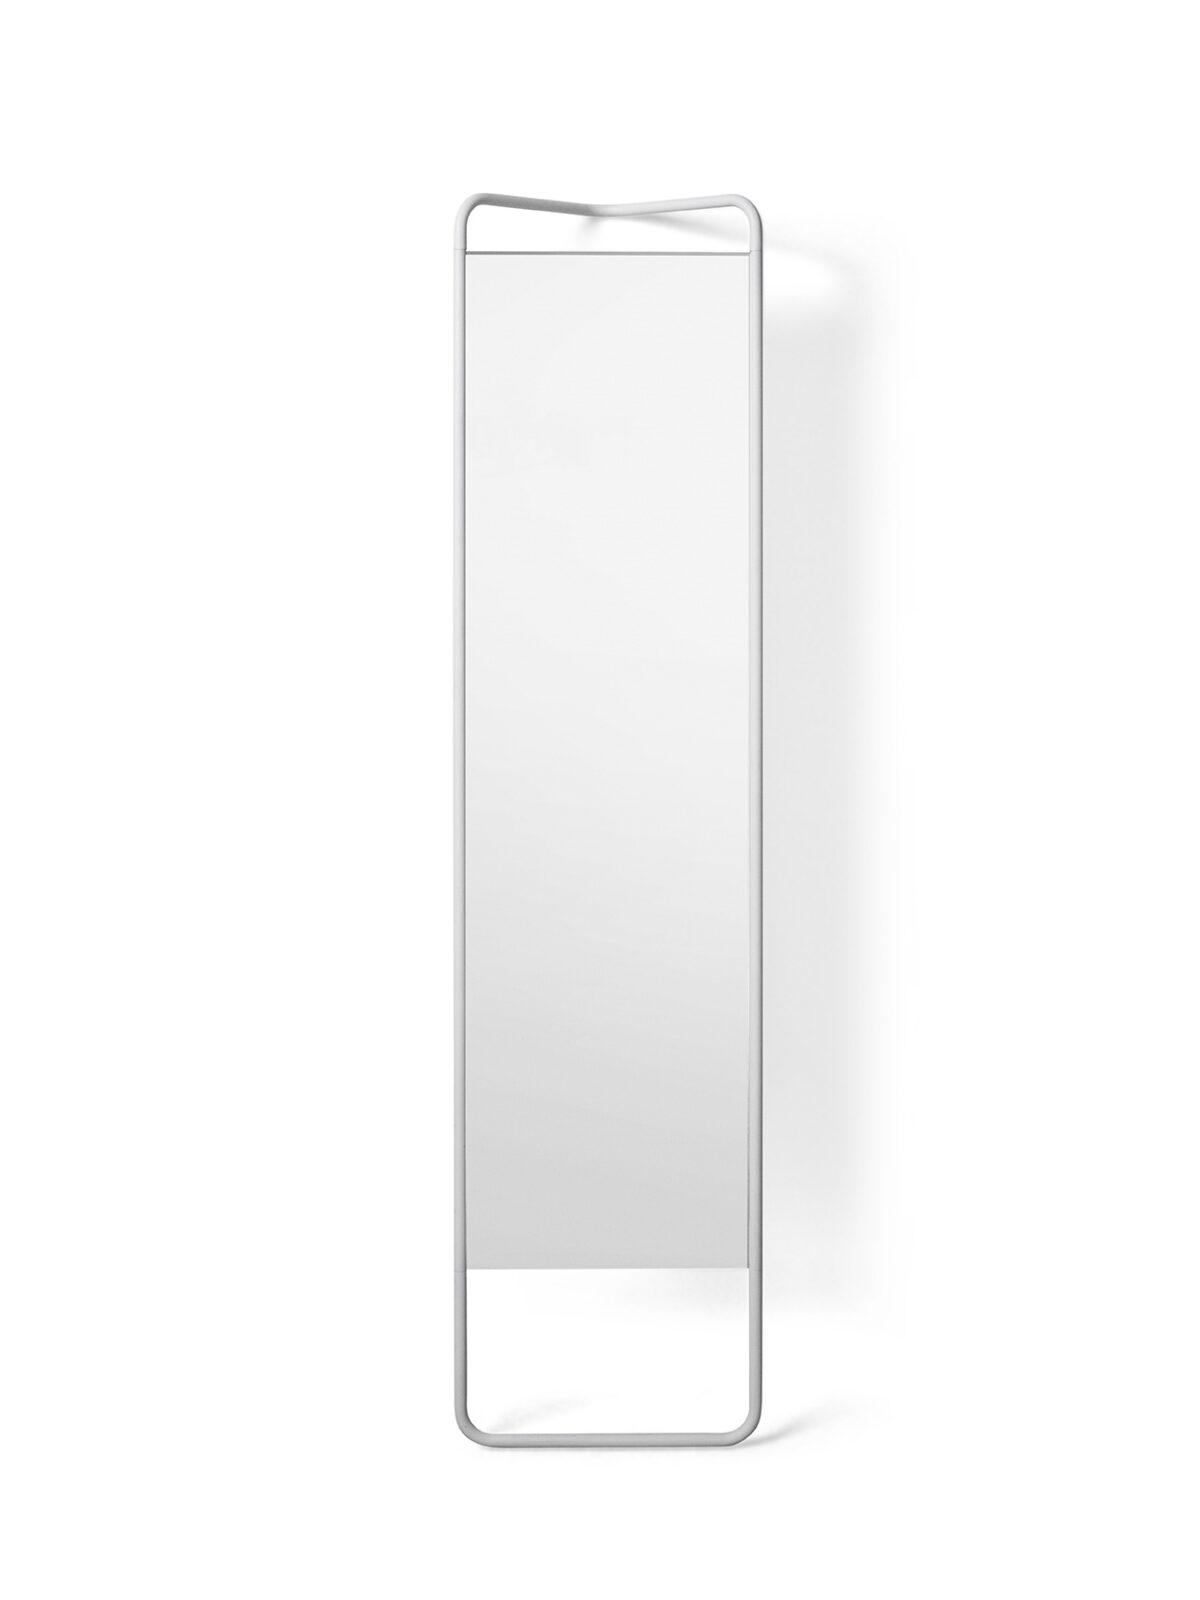 8000639 KaschKasch Floor Mirror White2019 06 25 13 07 36 014